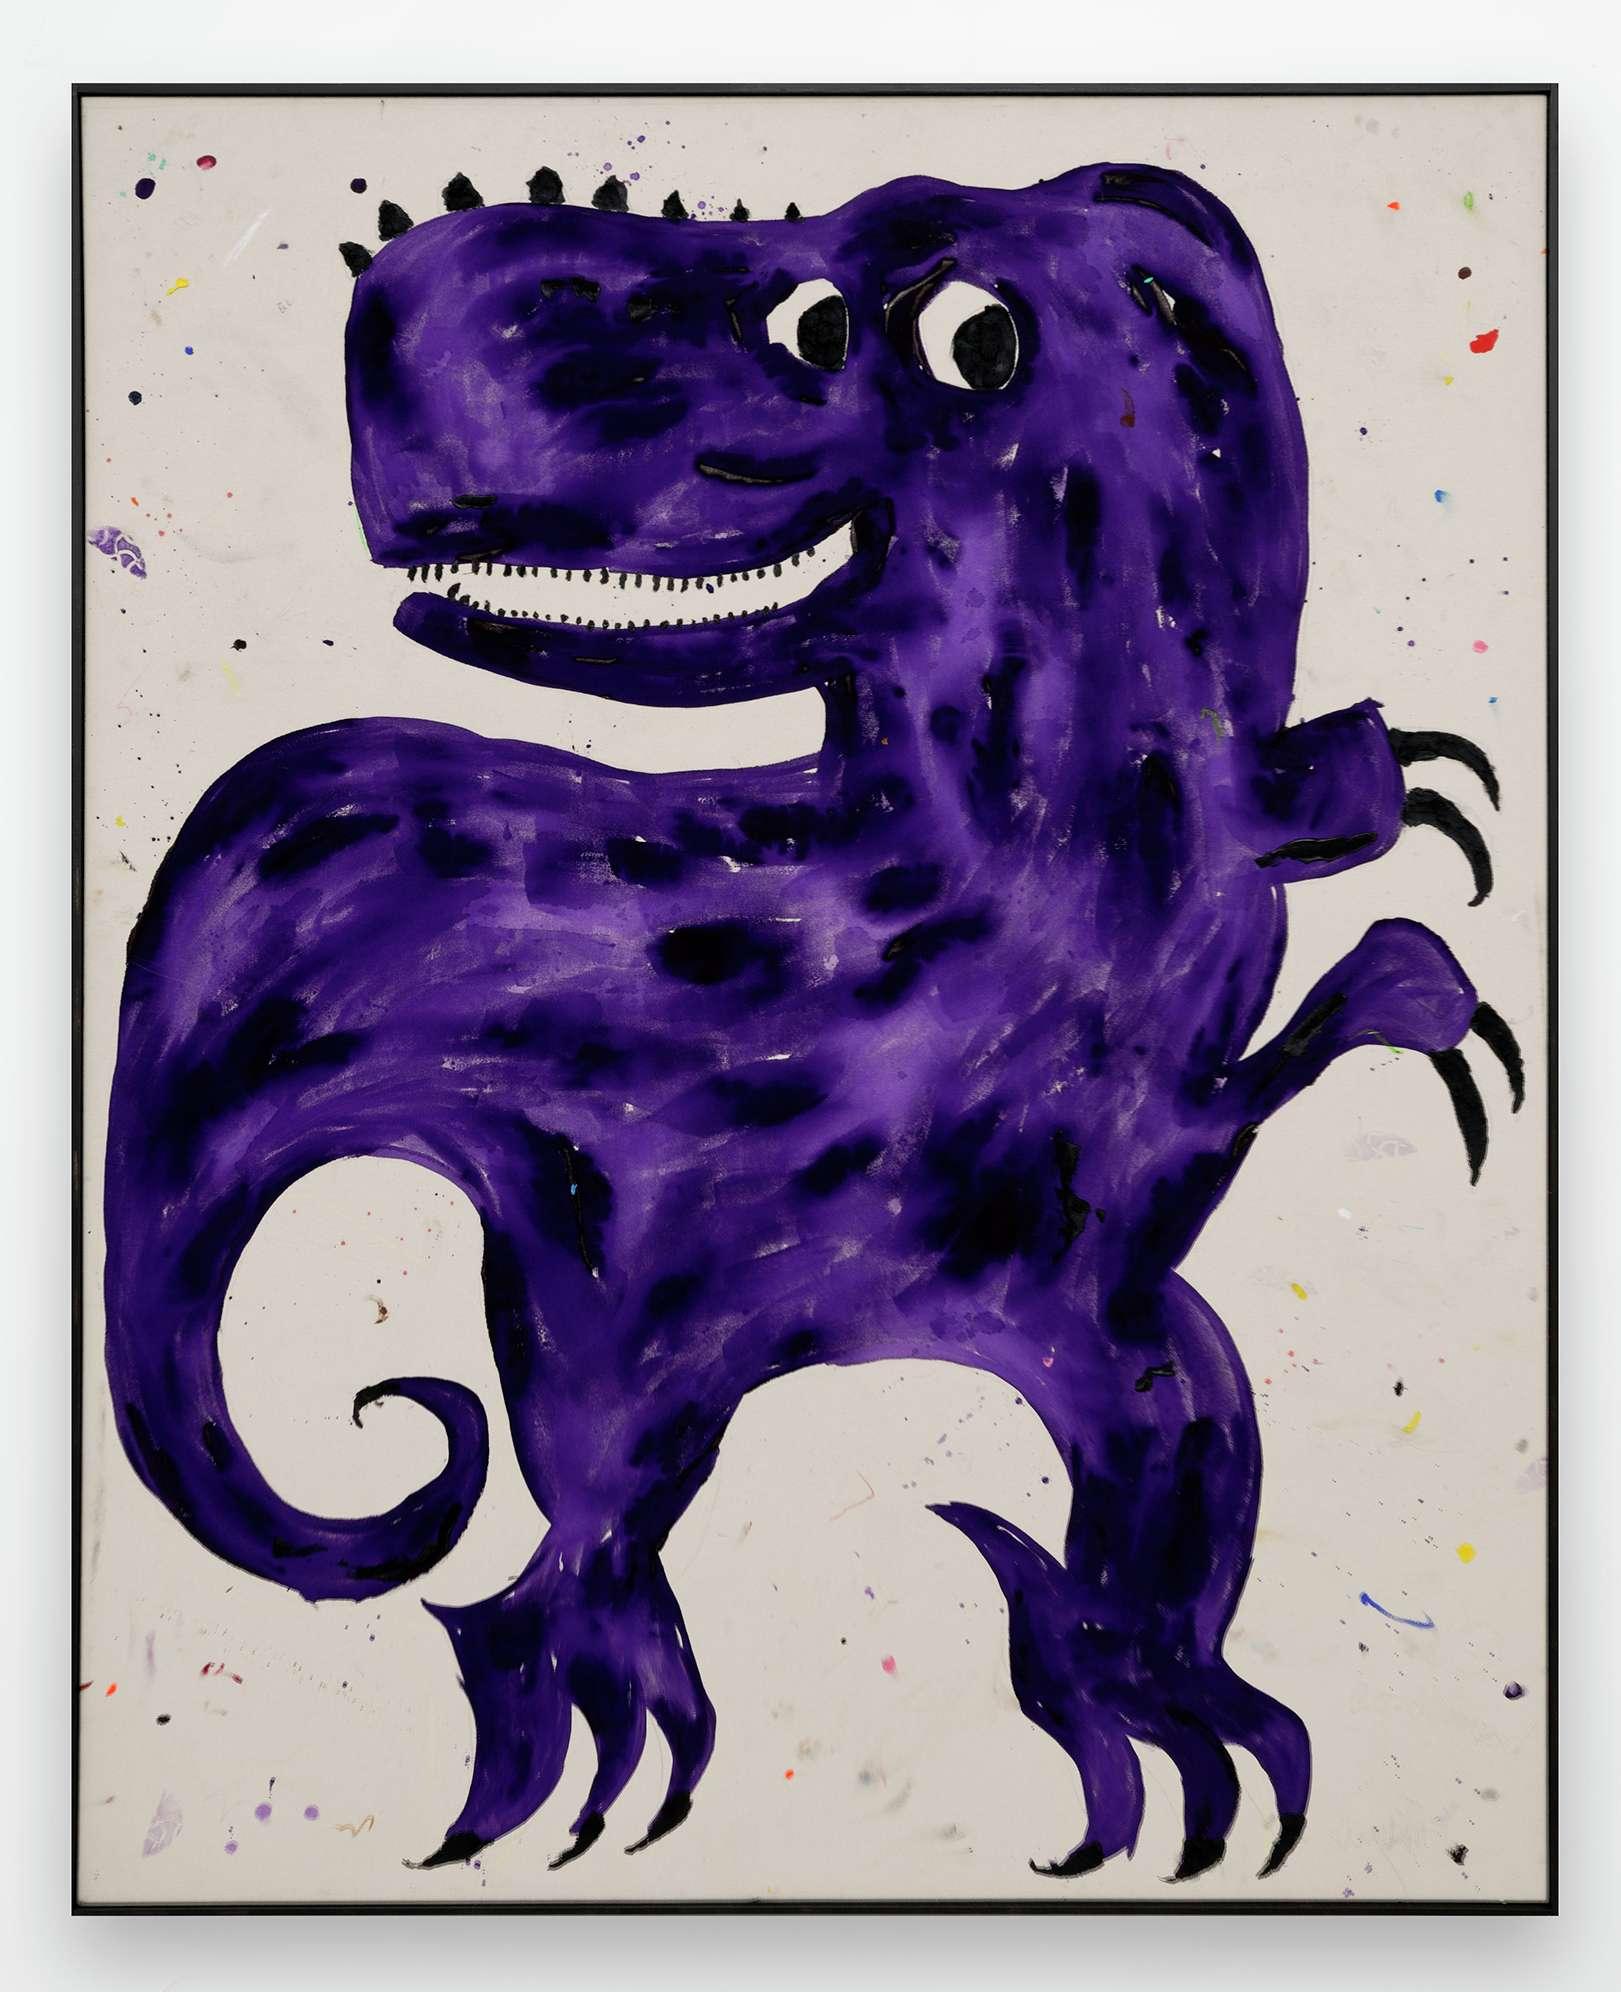 Szabolcs Bozó, I'm a Dino, 2020 Acrylique et pastel sur toile160 × 130 cm / 63  × 51 1/8 in.